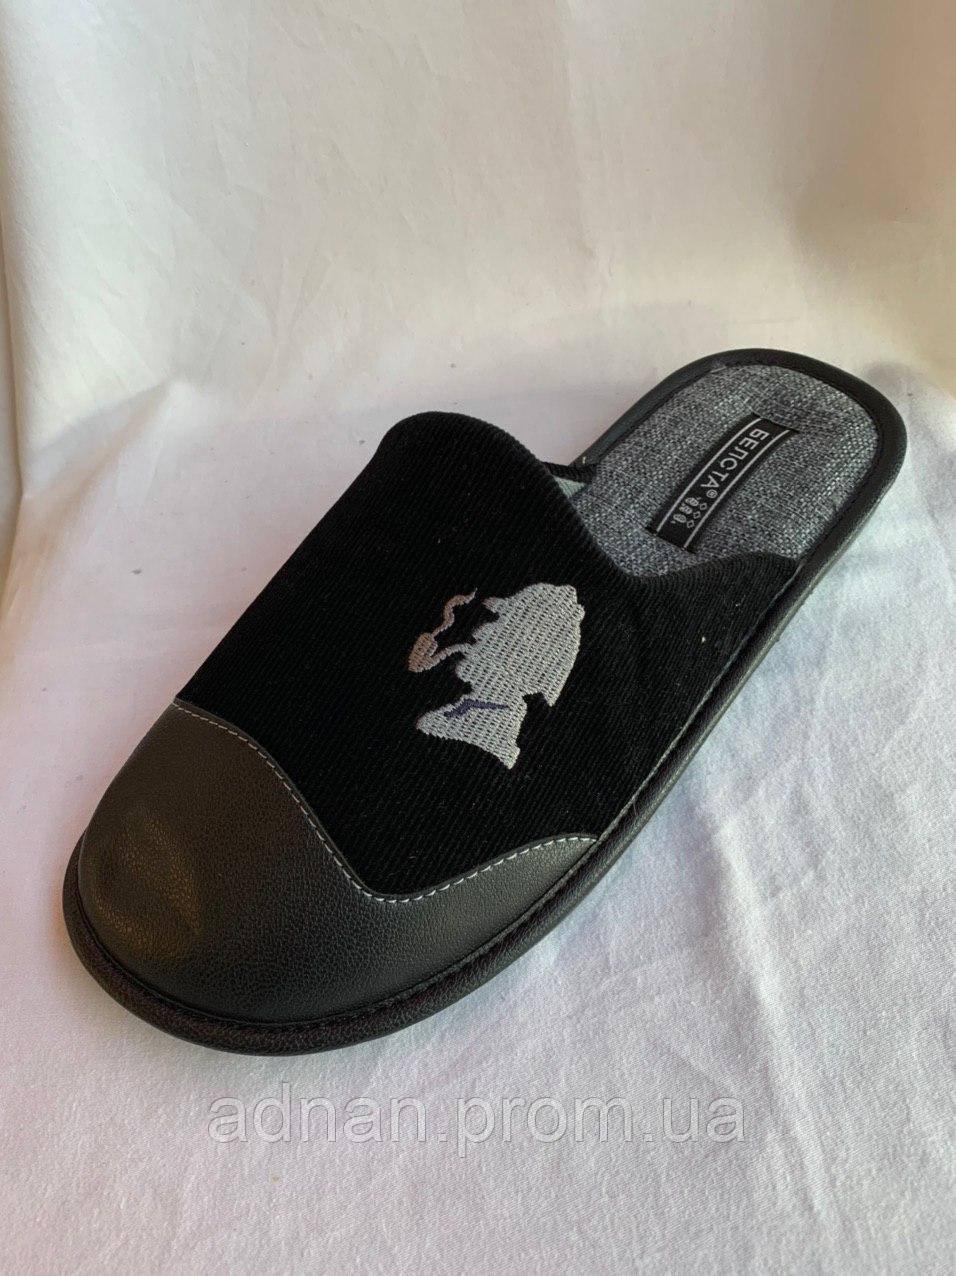 Тапочки чоловічі, БЕЛСТА, закриті, 6 пар в упаковці, Україна/ купити тапочки оптом